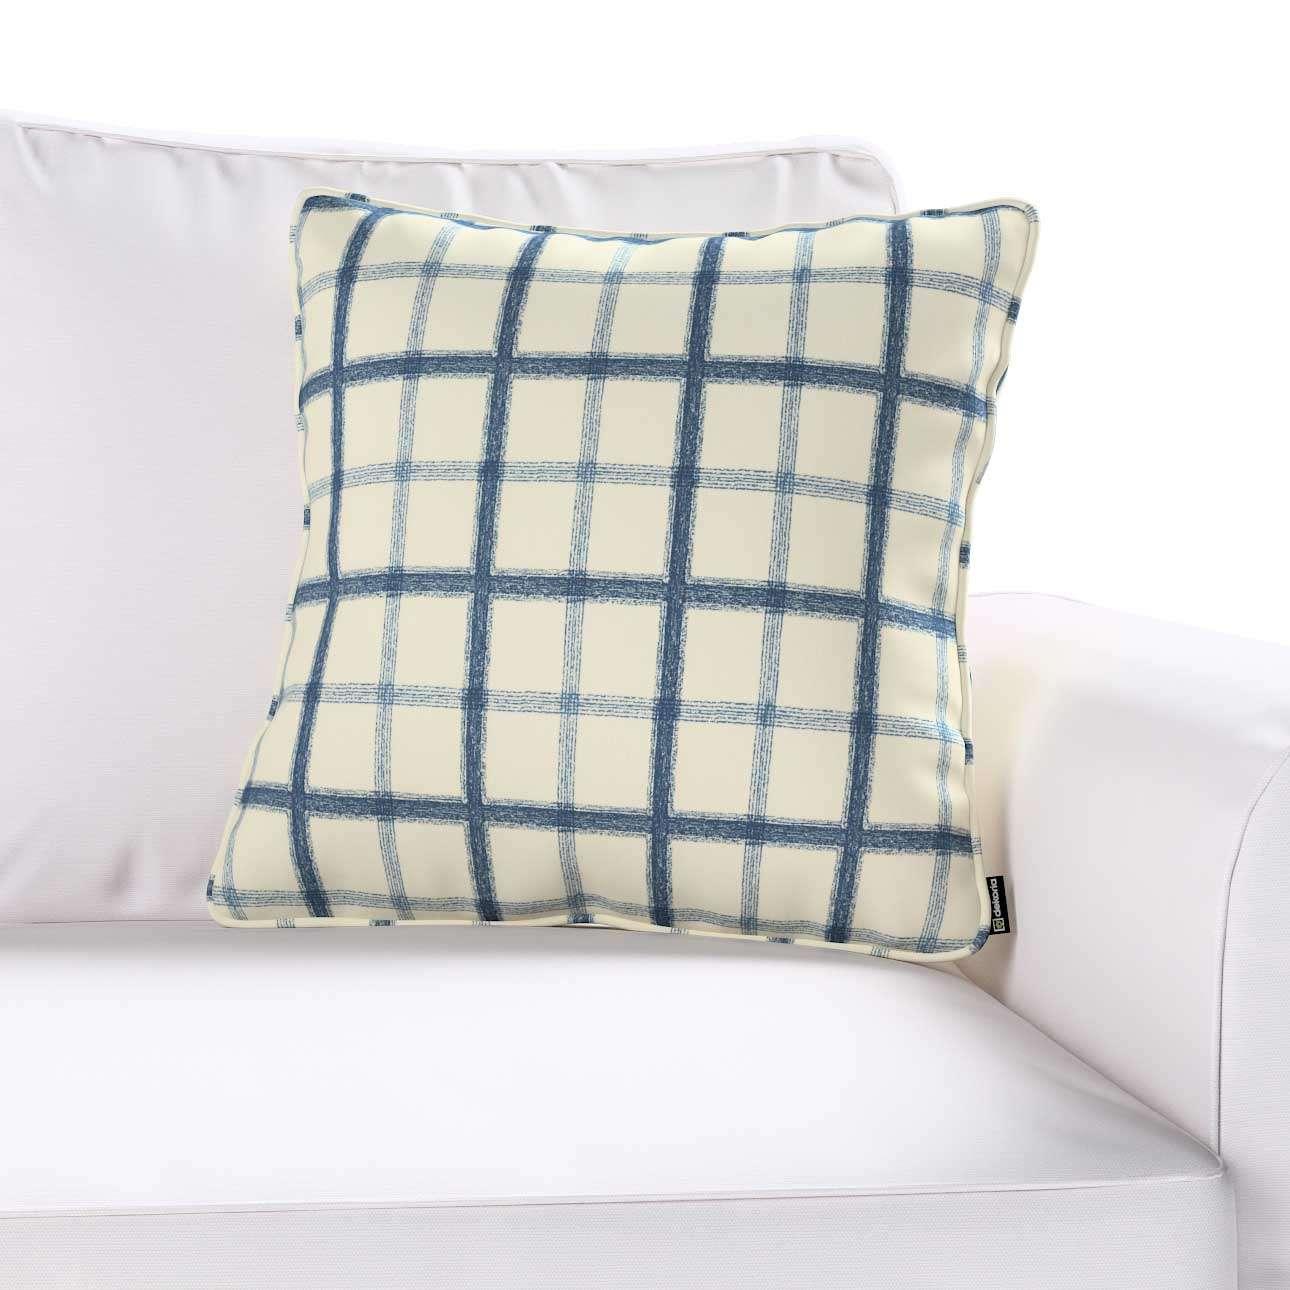 Poszewka Gabi na poduszkę 45 x 45 cm w kolekcji Avinon, tkanina: 131-66